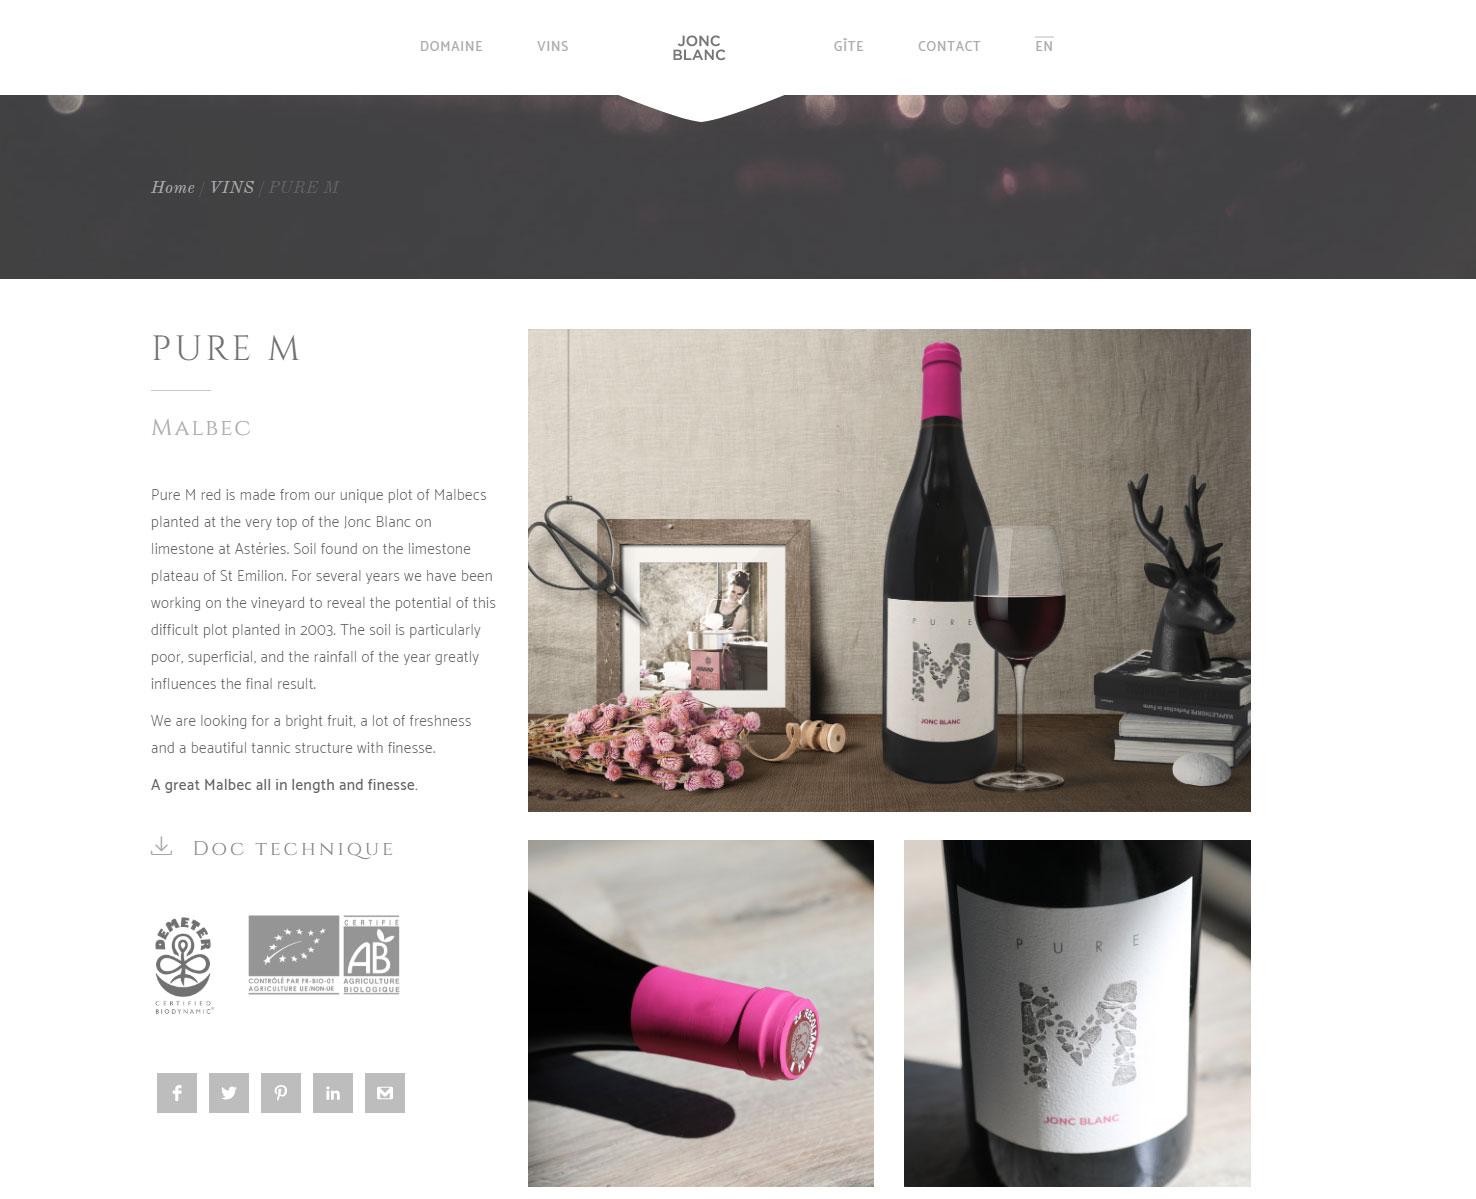 Page site internet sur un vin biologique. Photo et montage photographique culinaire. ambiance Couture, campagne, champêtre, moderne, détente